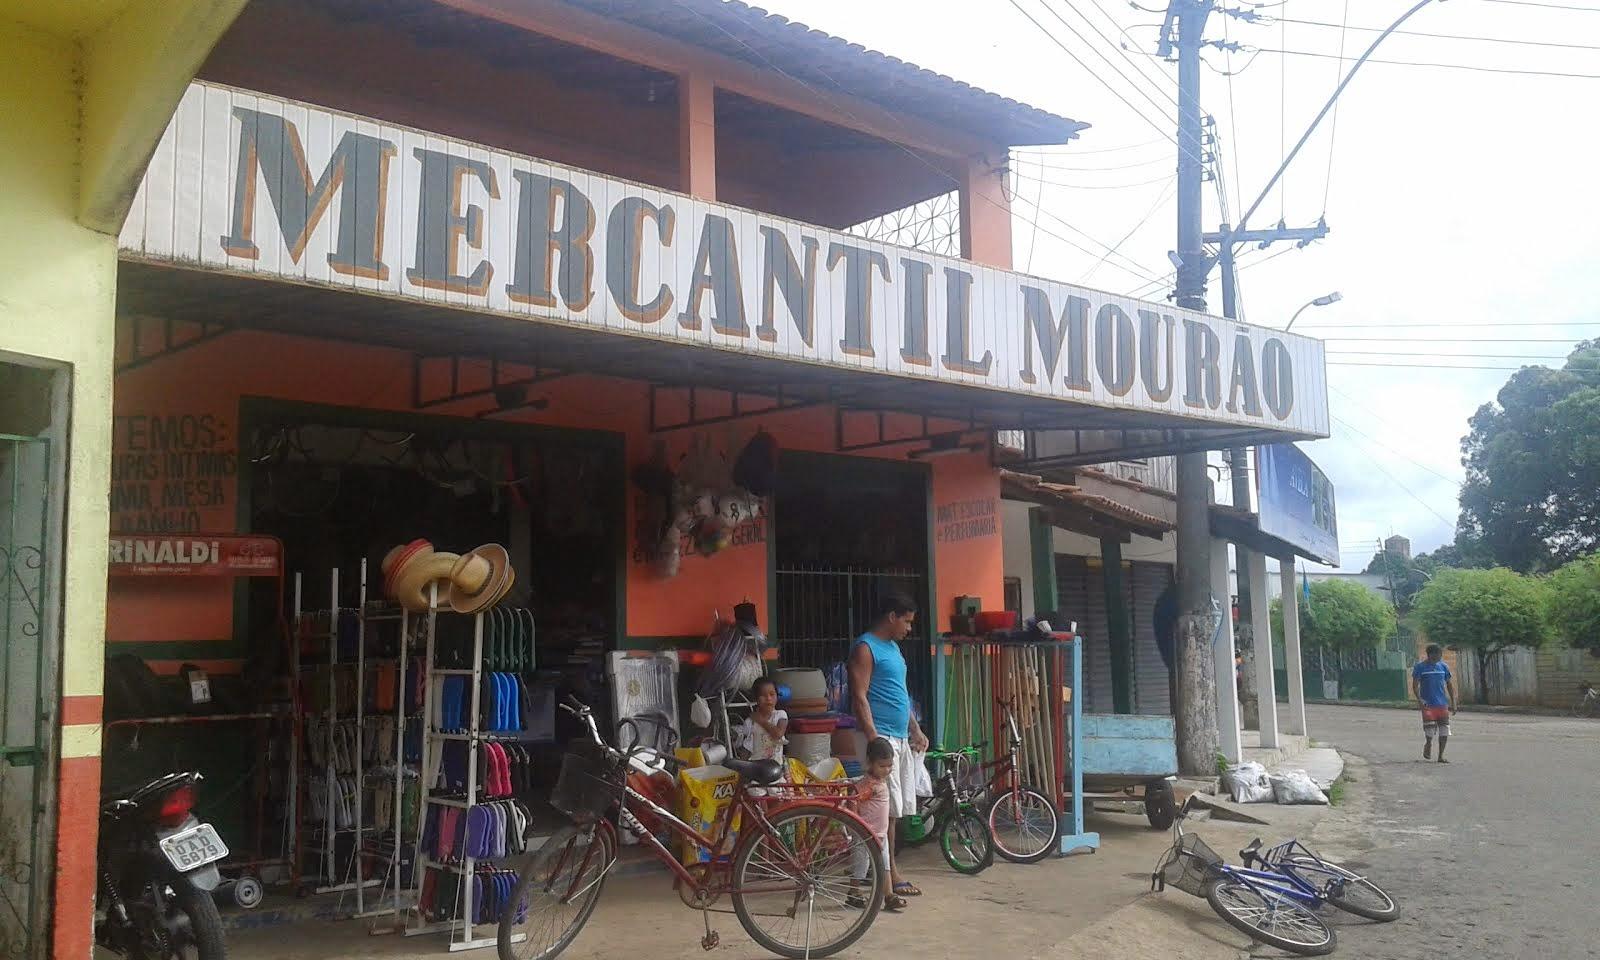 MERCANTIL MOURÃO